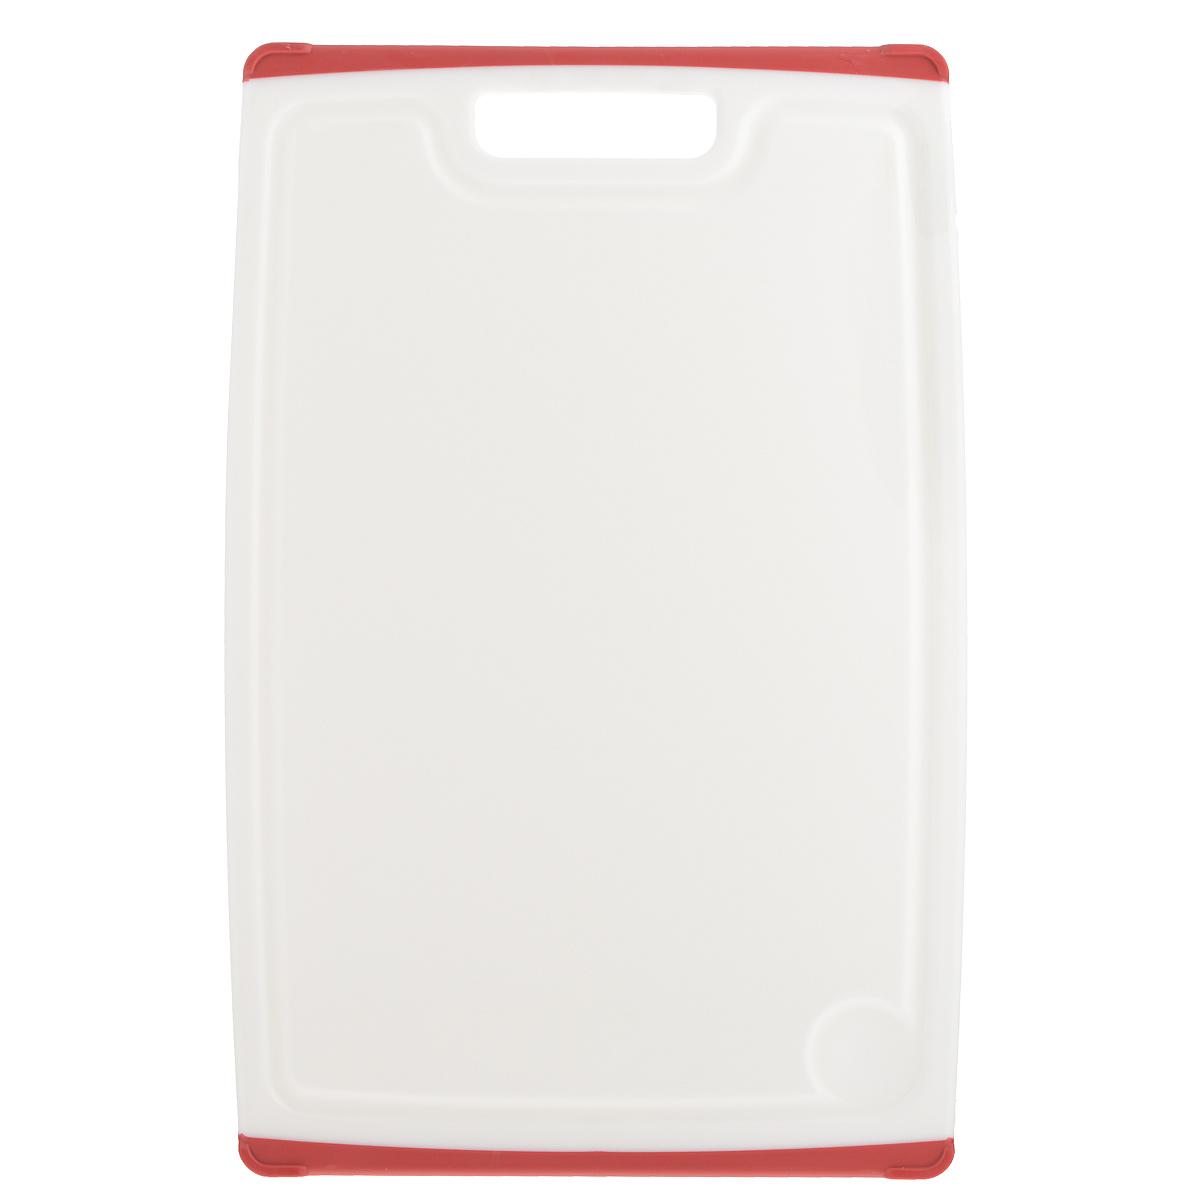 Доска разделочная Tescoma Cosmo, цвет: красный, 40 см х 26 см379216Разделочная доска Tescoma Cosmo, изготовленная из высококачественного прочного пластика, станет незаменимым атрибутом приготовления пищи. Она идеально подходит для разделки мяса, рыбы, приготовления теста и нарезки любых продуктов. А особый дизайн краев с желобком способствует задерживанию жидкостей и остатков продуктов. Изделие оснащено прорезиненными цветными вставками с двух сторон для предотвращения скольжения по столу. Доска предназначена для ежедневного интенсивного использования. Не затупляет лезвия. Современный стильный дизайн и функциональность разделочной доски Tescoma Cosmo, позволит занять ей достойное место на вашей кухне. Можно мыть в посудомоечной машине.